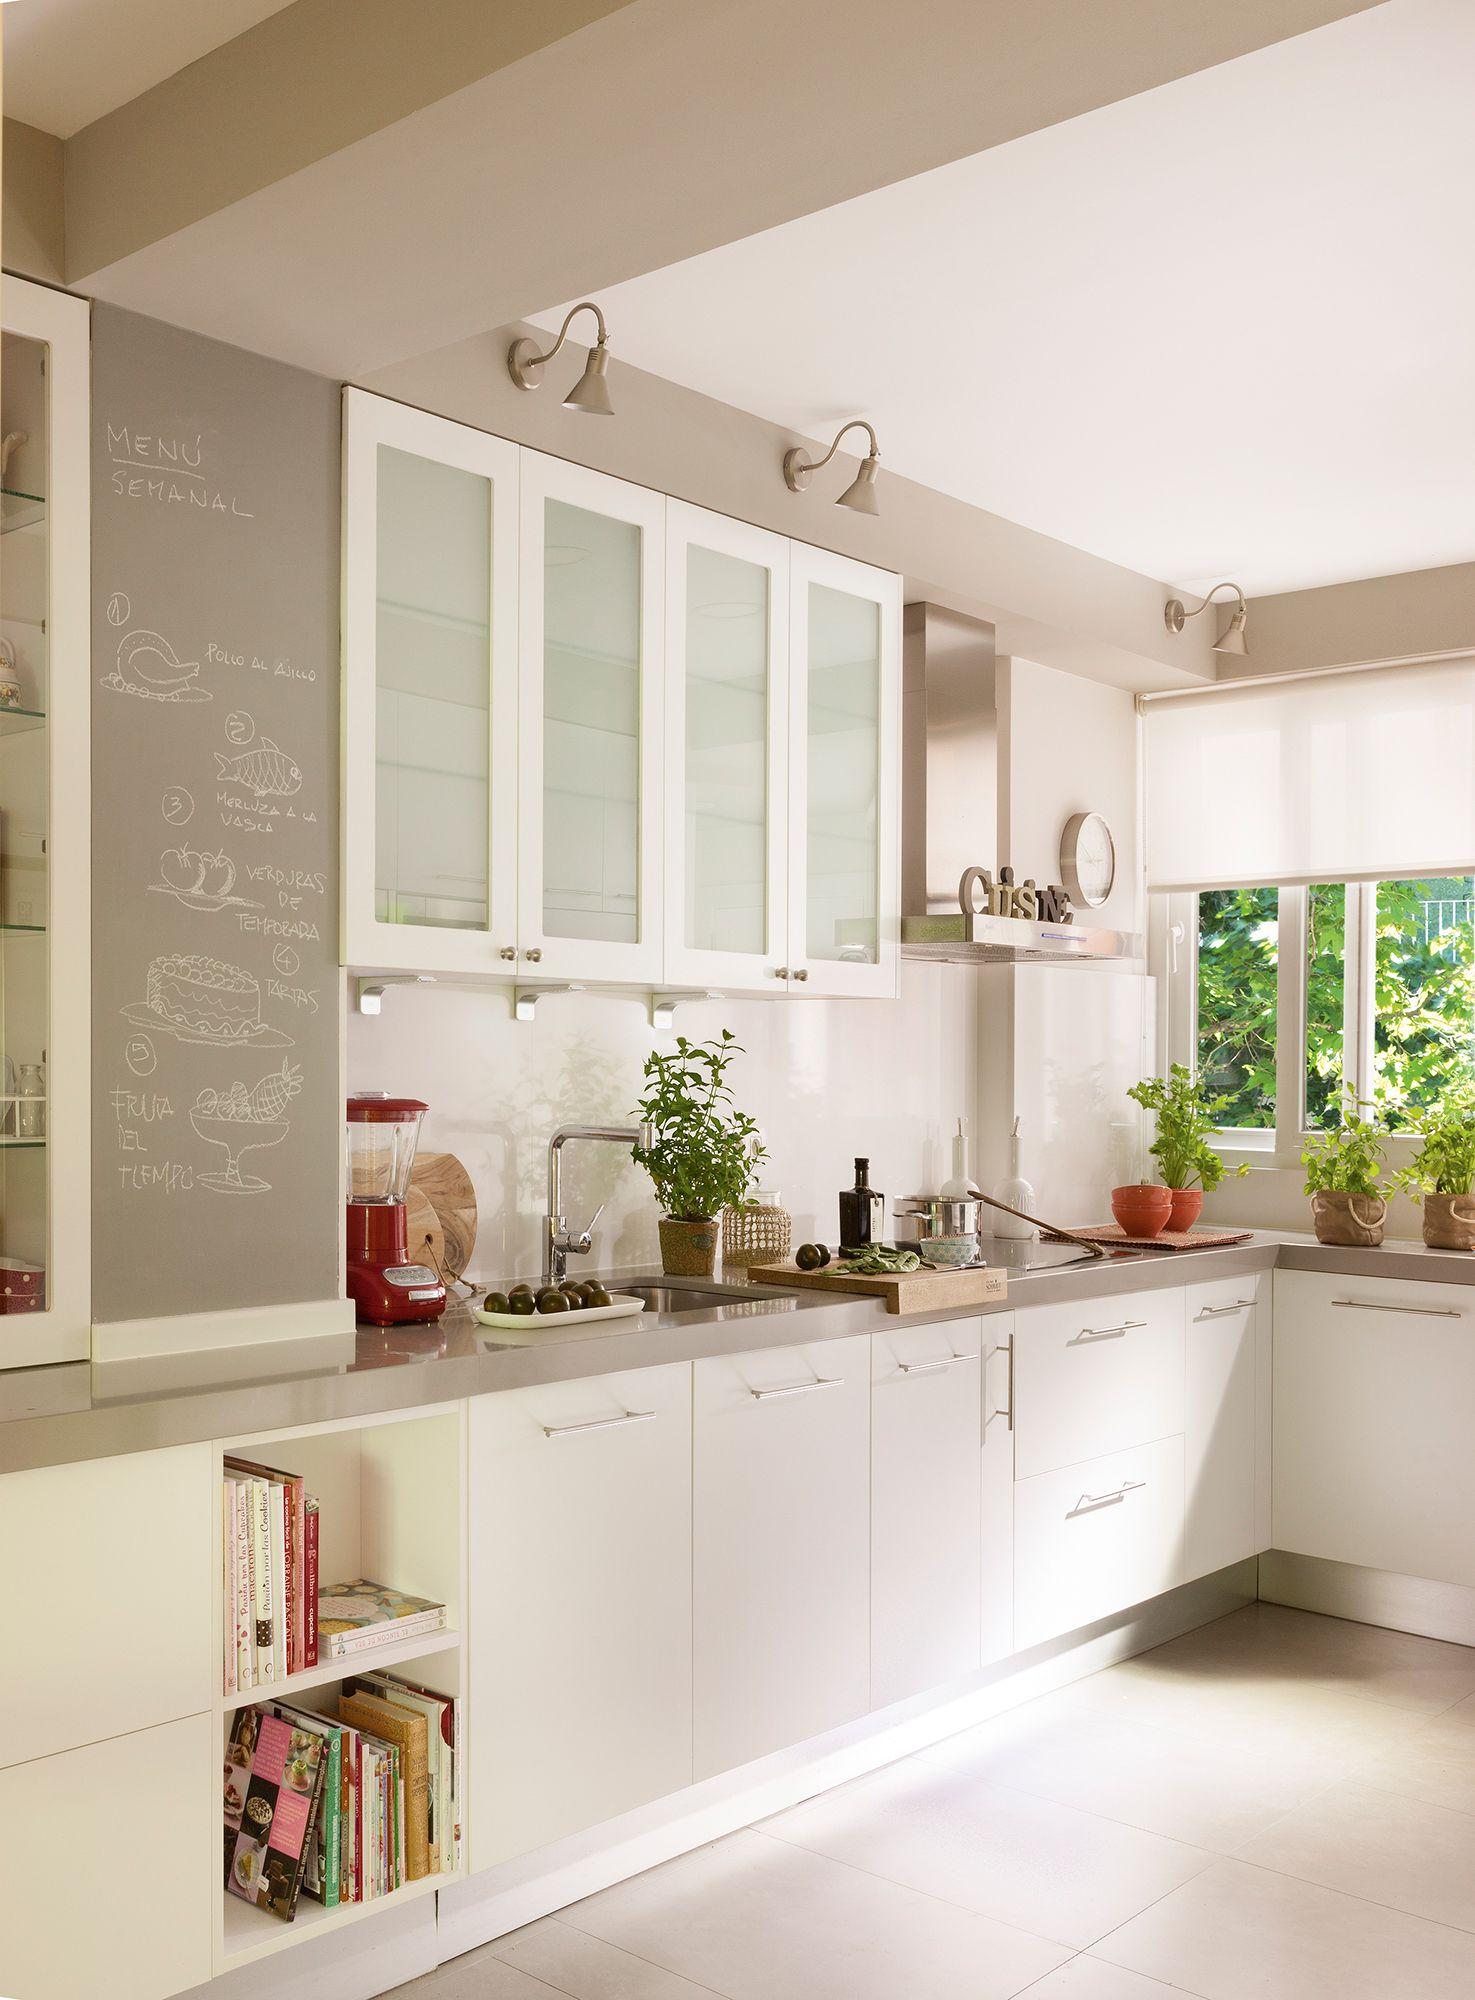 Cocina blanca con paredes grises_ 00410494 | Pinterest | Paredes ...